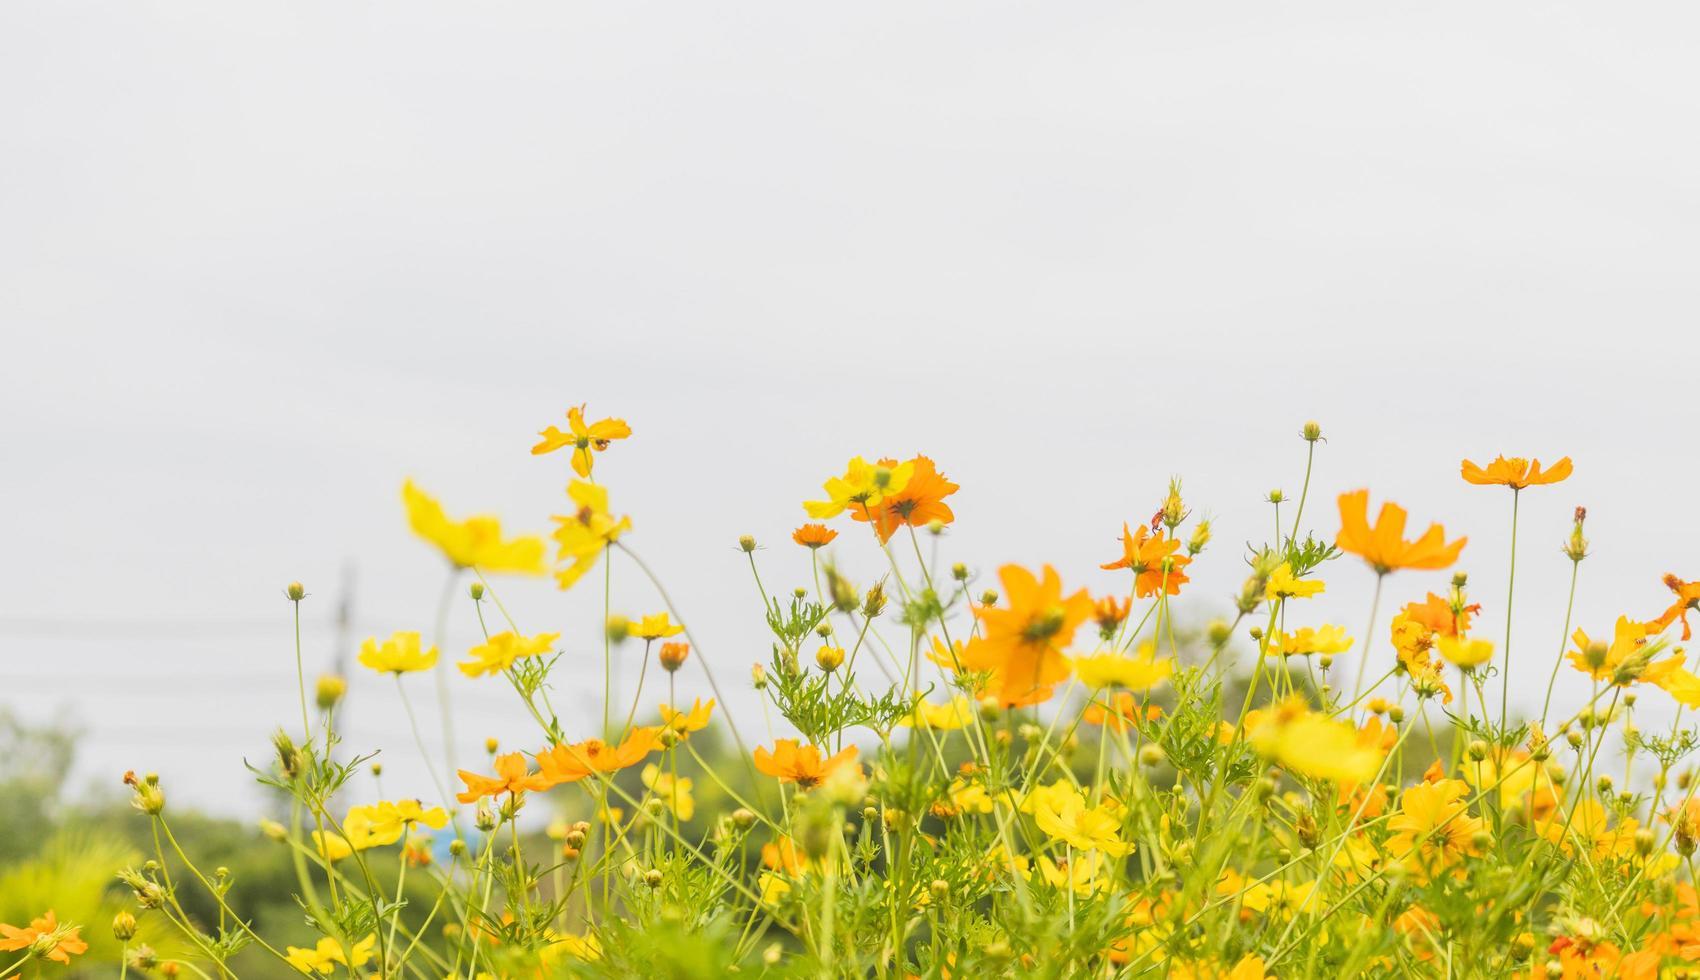 Flowers blooming in garden photo